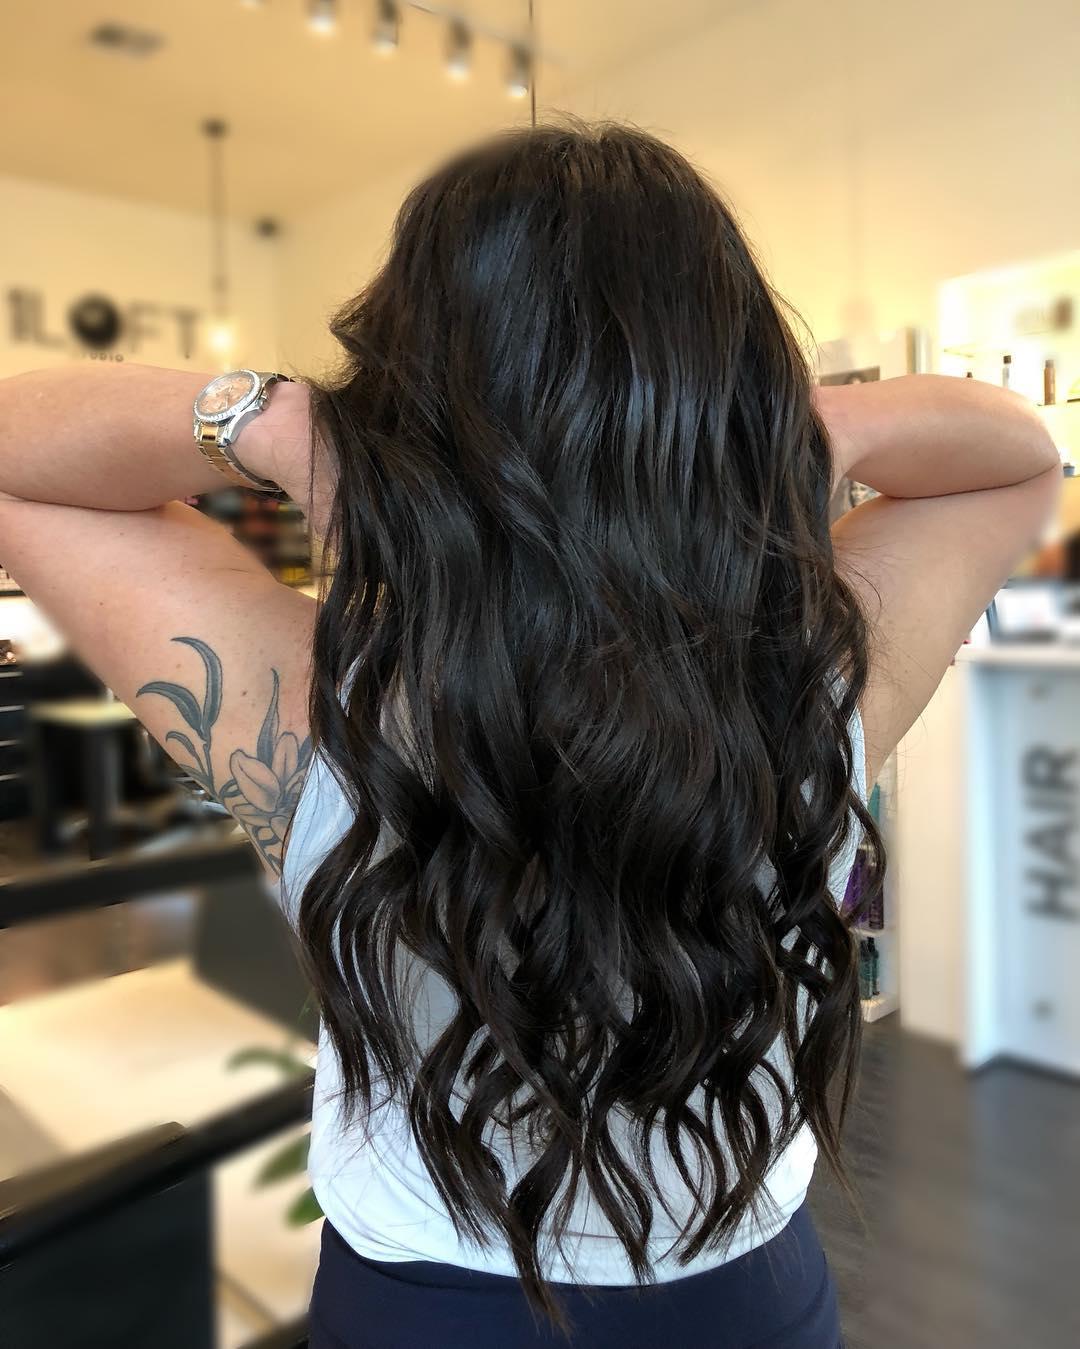 Hair Extensions in New Orleans.jpg